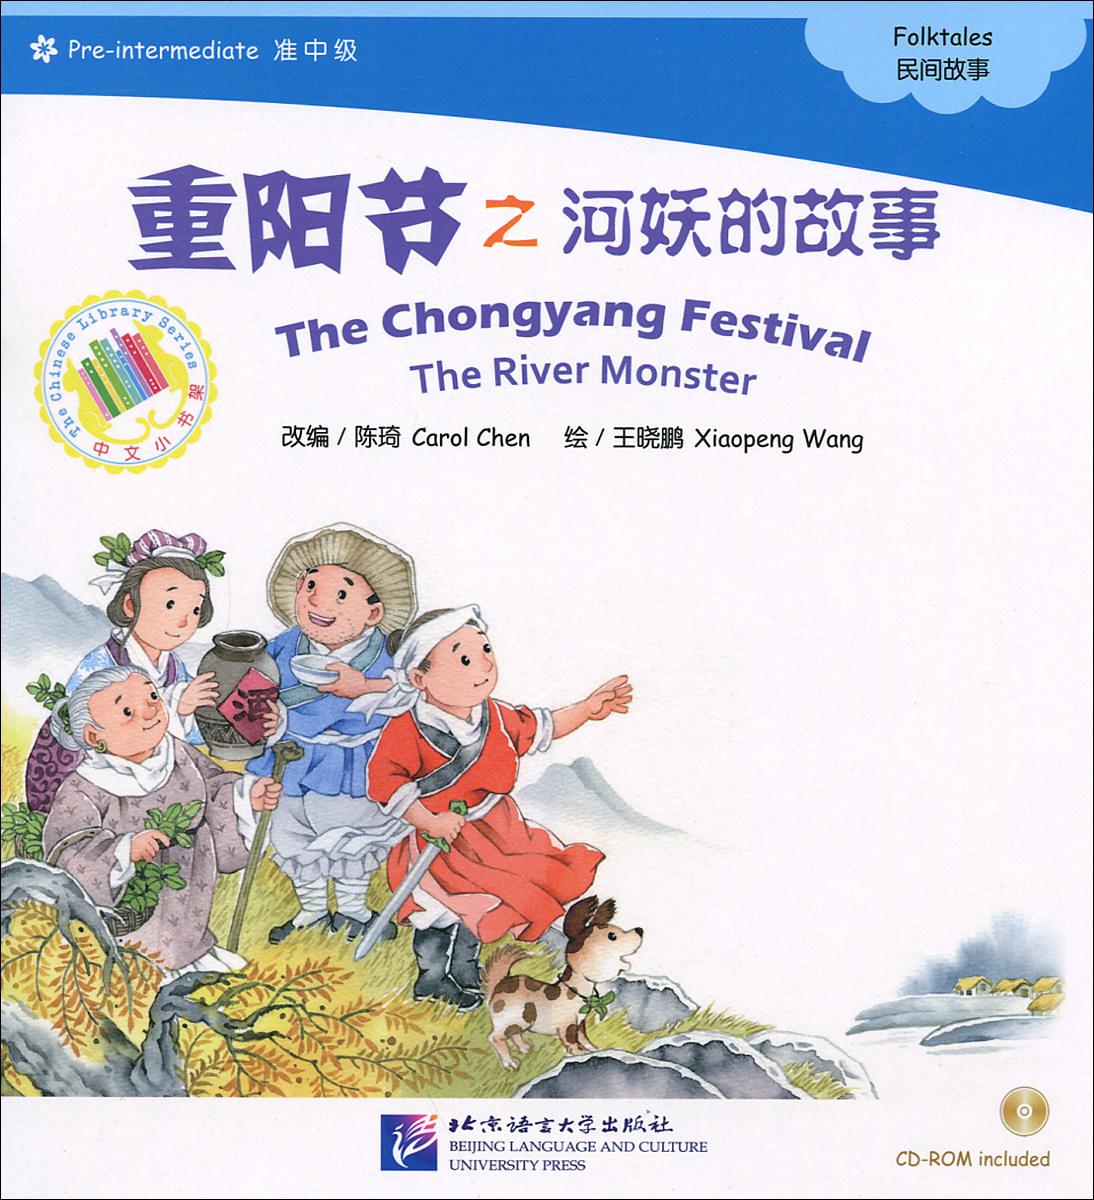 The Chongyang Festival: The River Monster: Folktales: Pre-intermediate (+ CD-ROM)